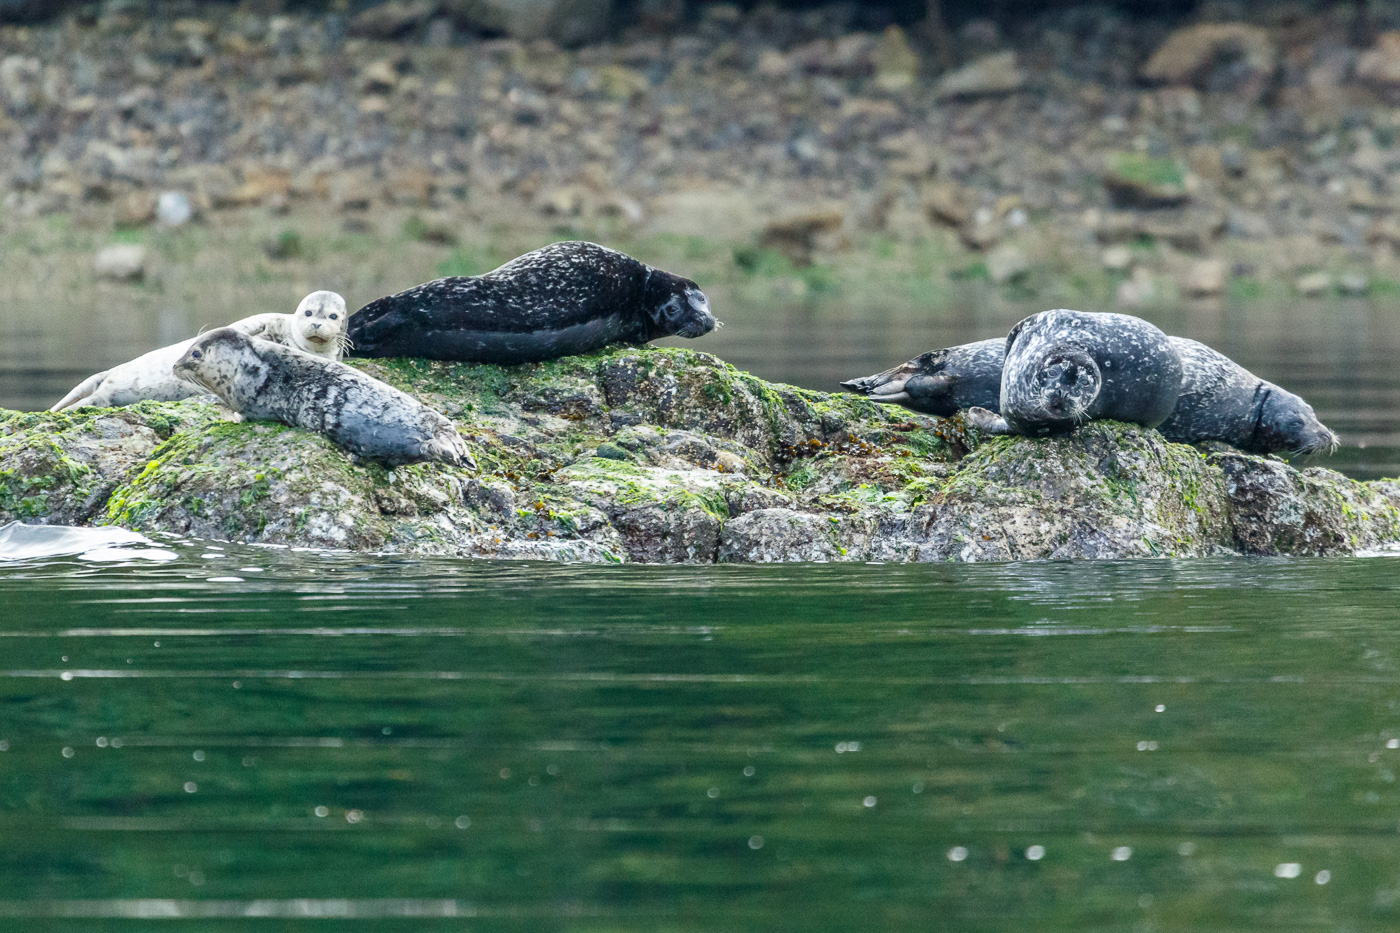 Harbour seal (Phoca vitulina), Vancouver island, Canada. - Fauna de Nord-Amèrica - Raül Carmona - Fotografia, Fotografia d'estudi, esdeveniments i Natura